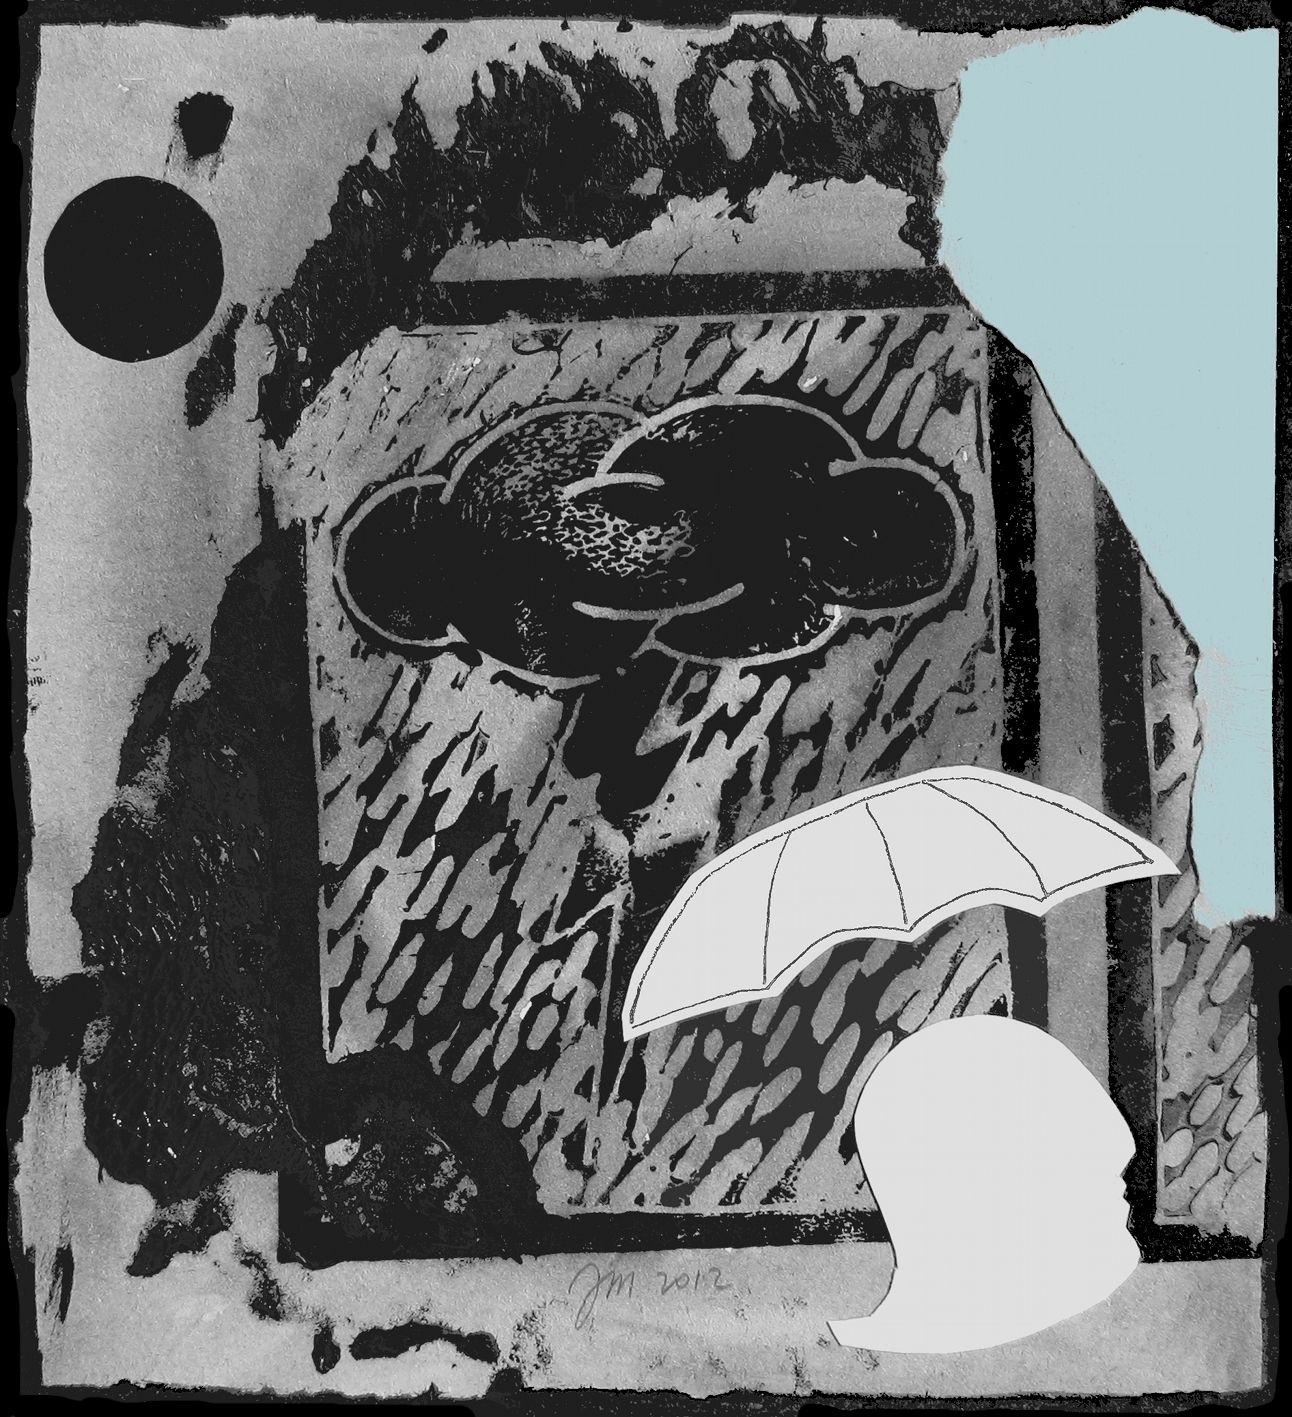 """andrea mattiello """"fuga dalla tempesta""""   acrilico e collage su cartone vegetale cm 20x22; 2012"""